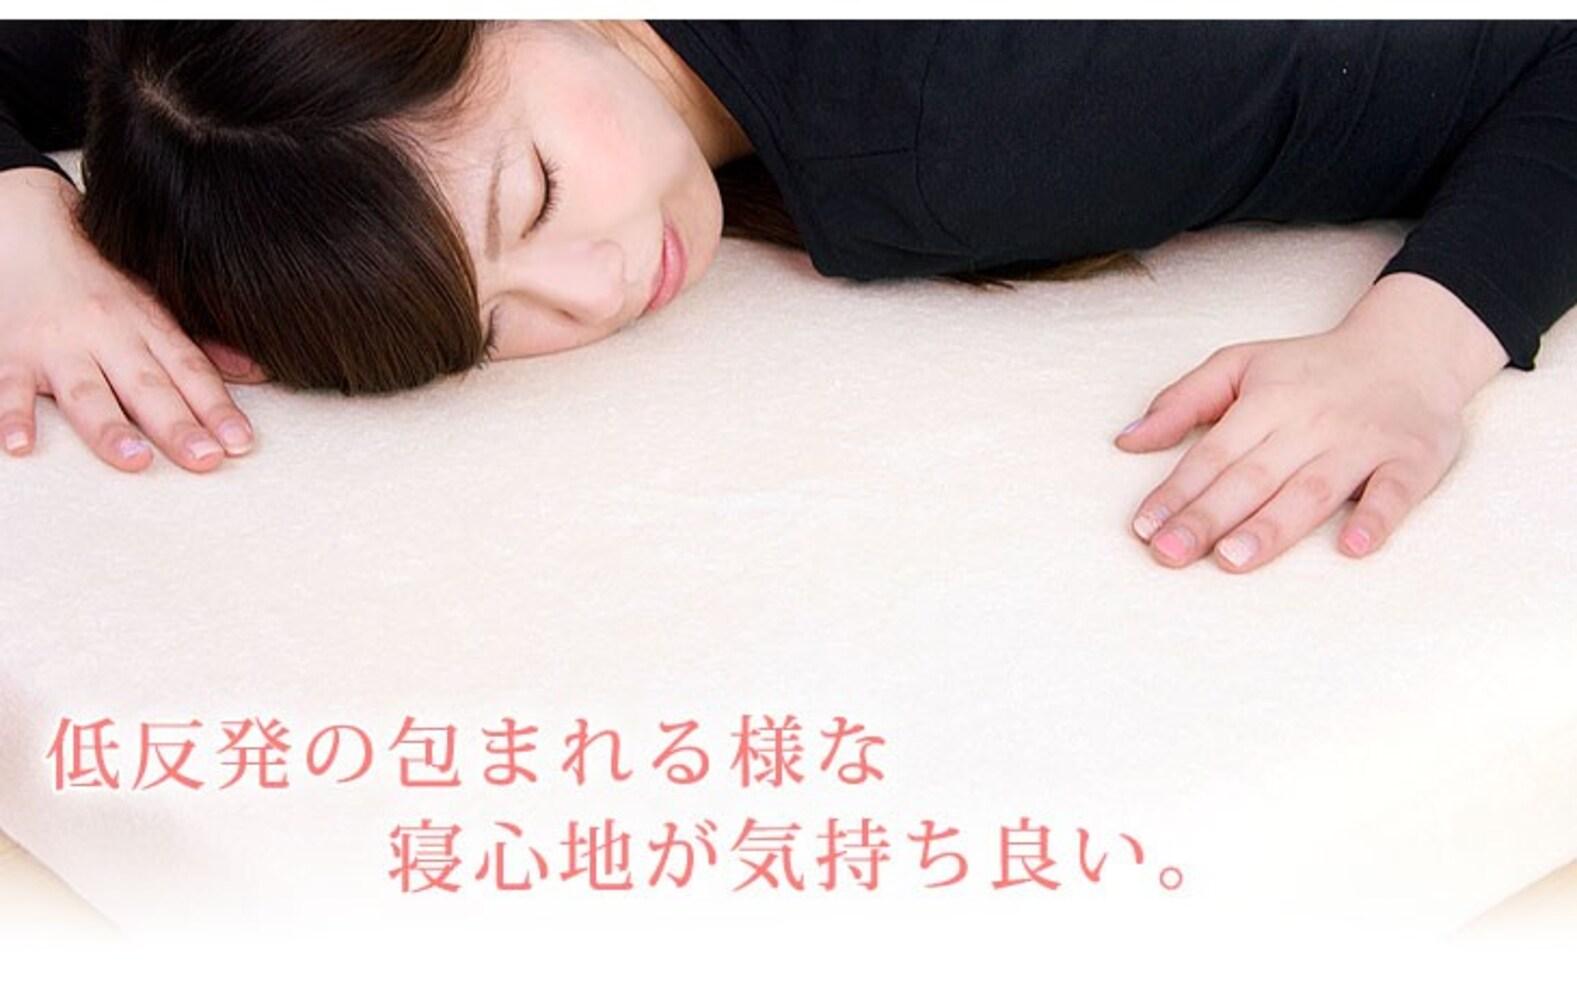 ノンコイル系|柔らかく寝心地抜群「低反発」しっかり身体を支える「高反発」